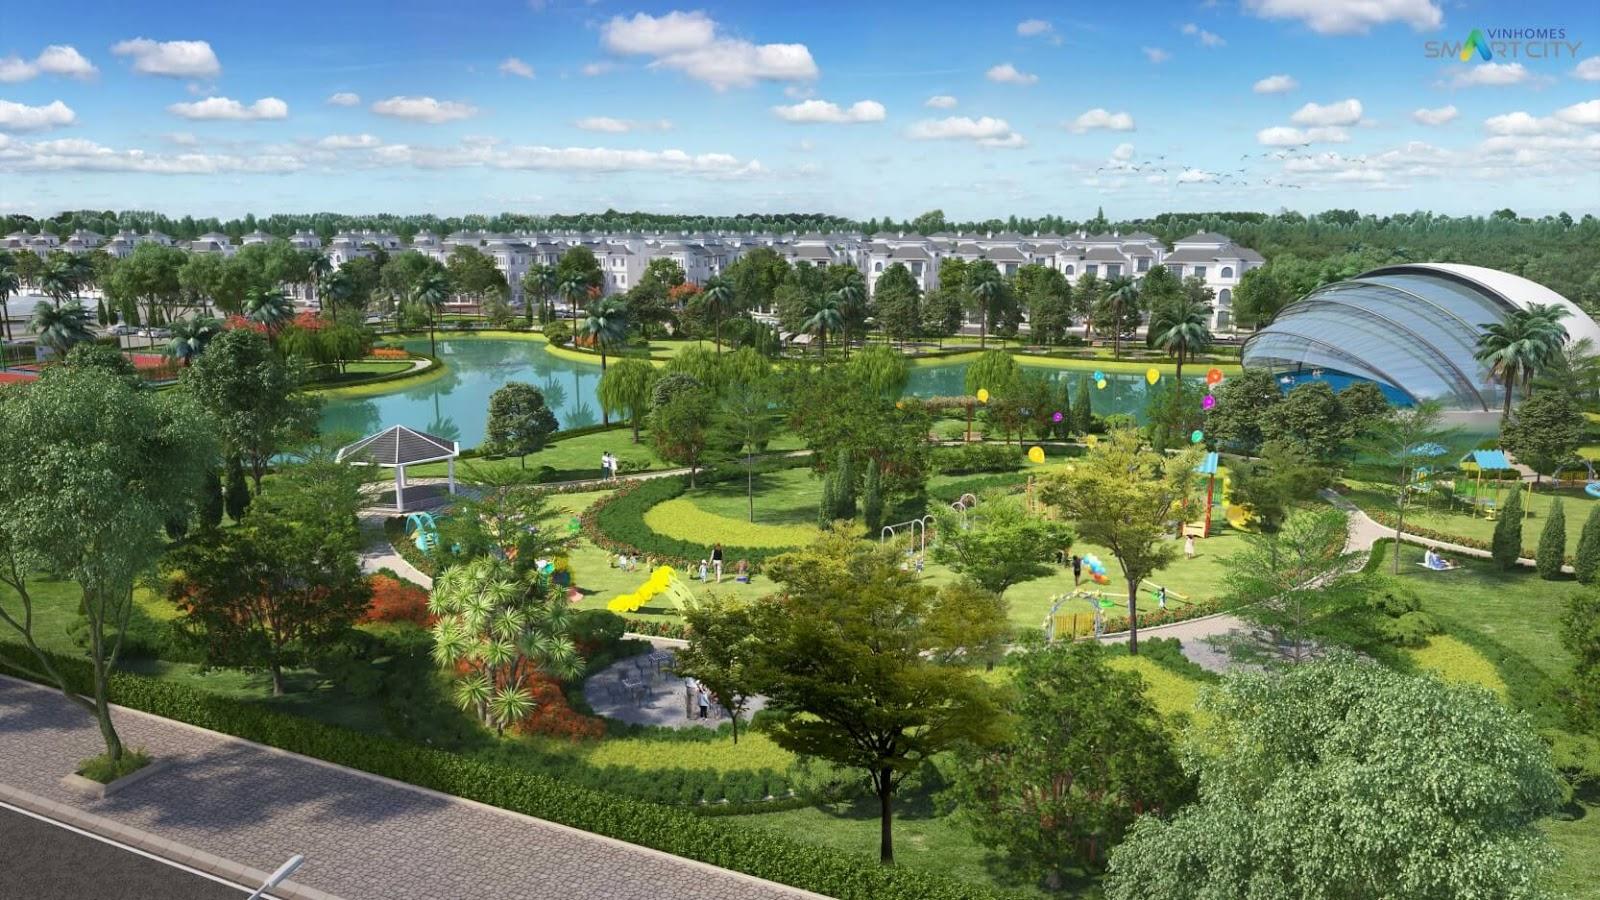 Công viên cây canh biệt thự Vinhomes Tây Mỗ